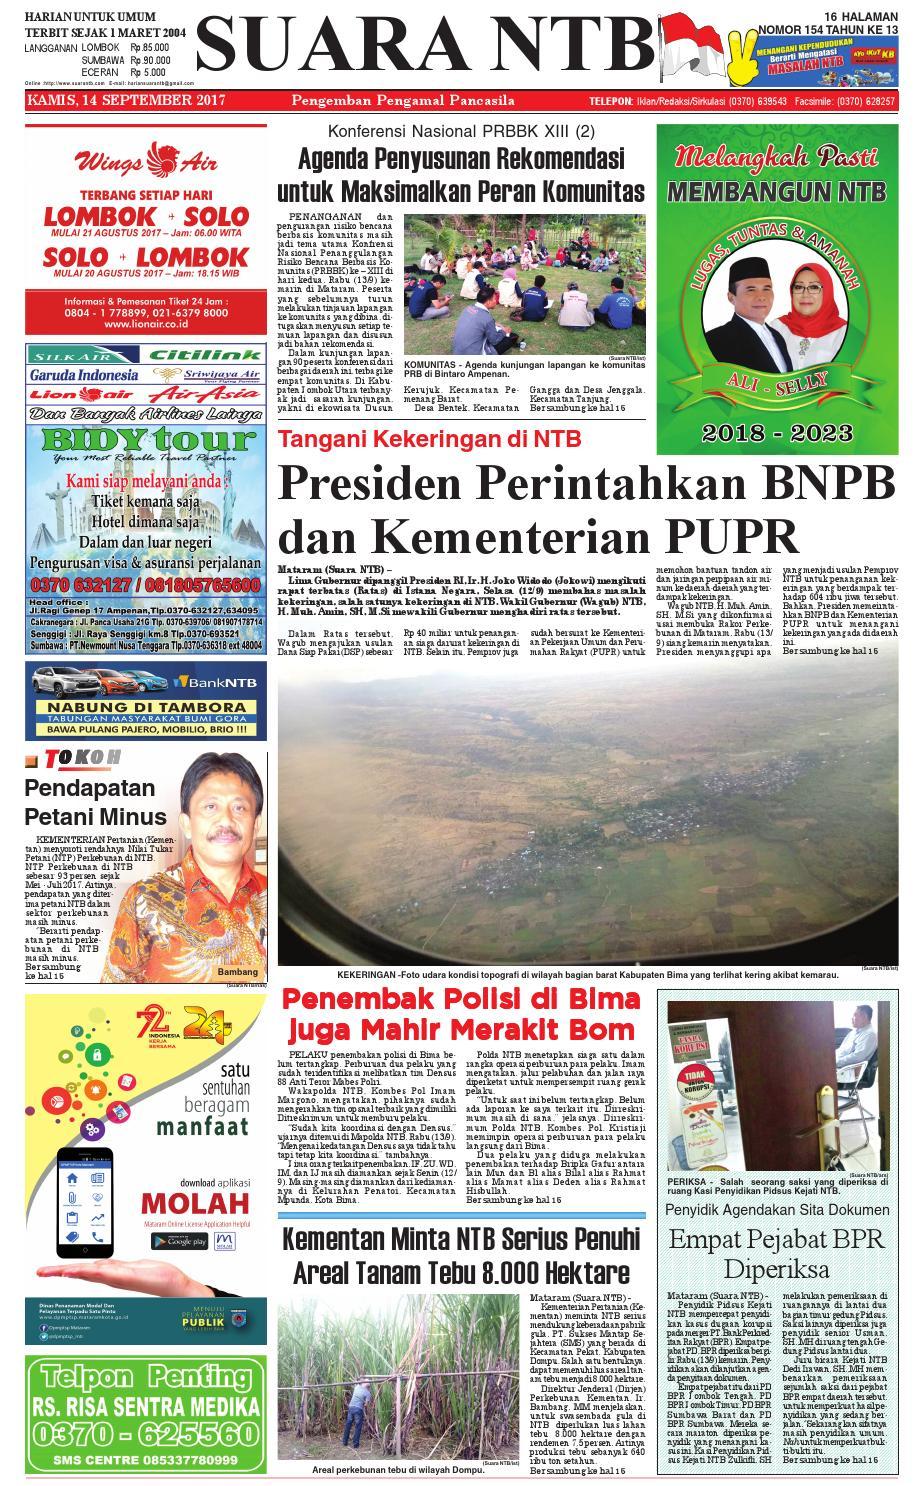 Edisi 14 September 2017